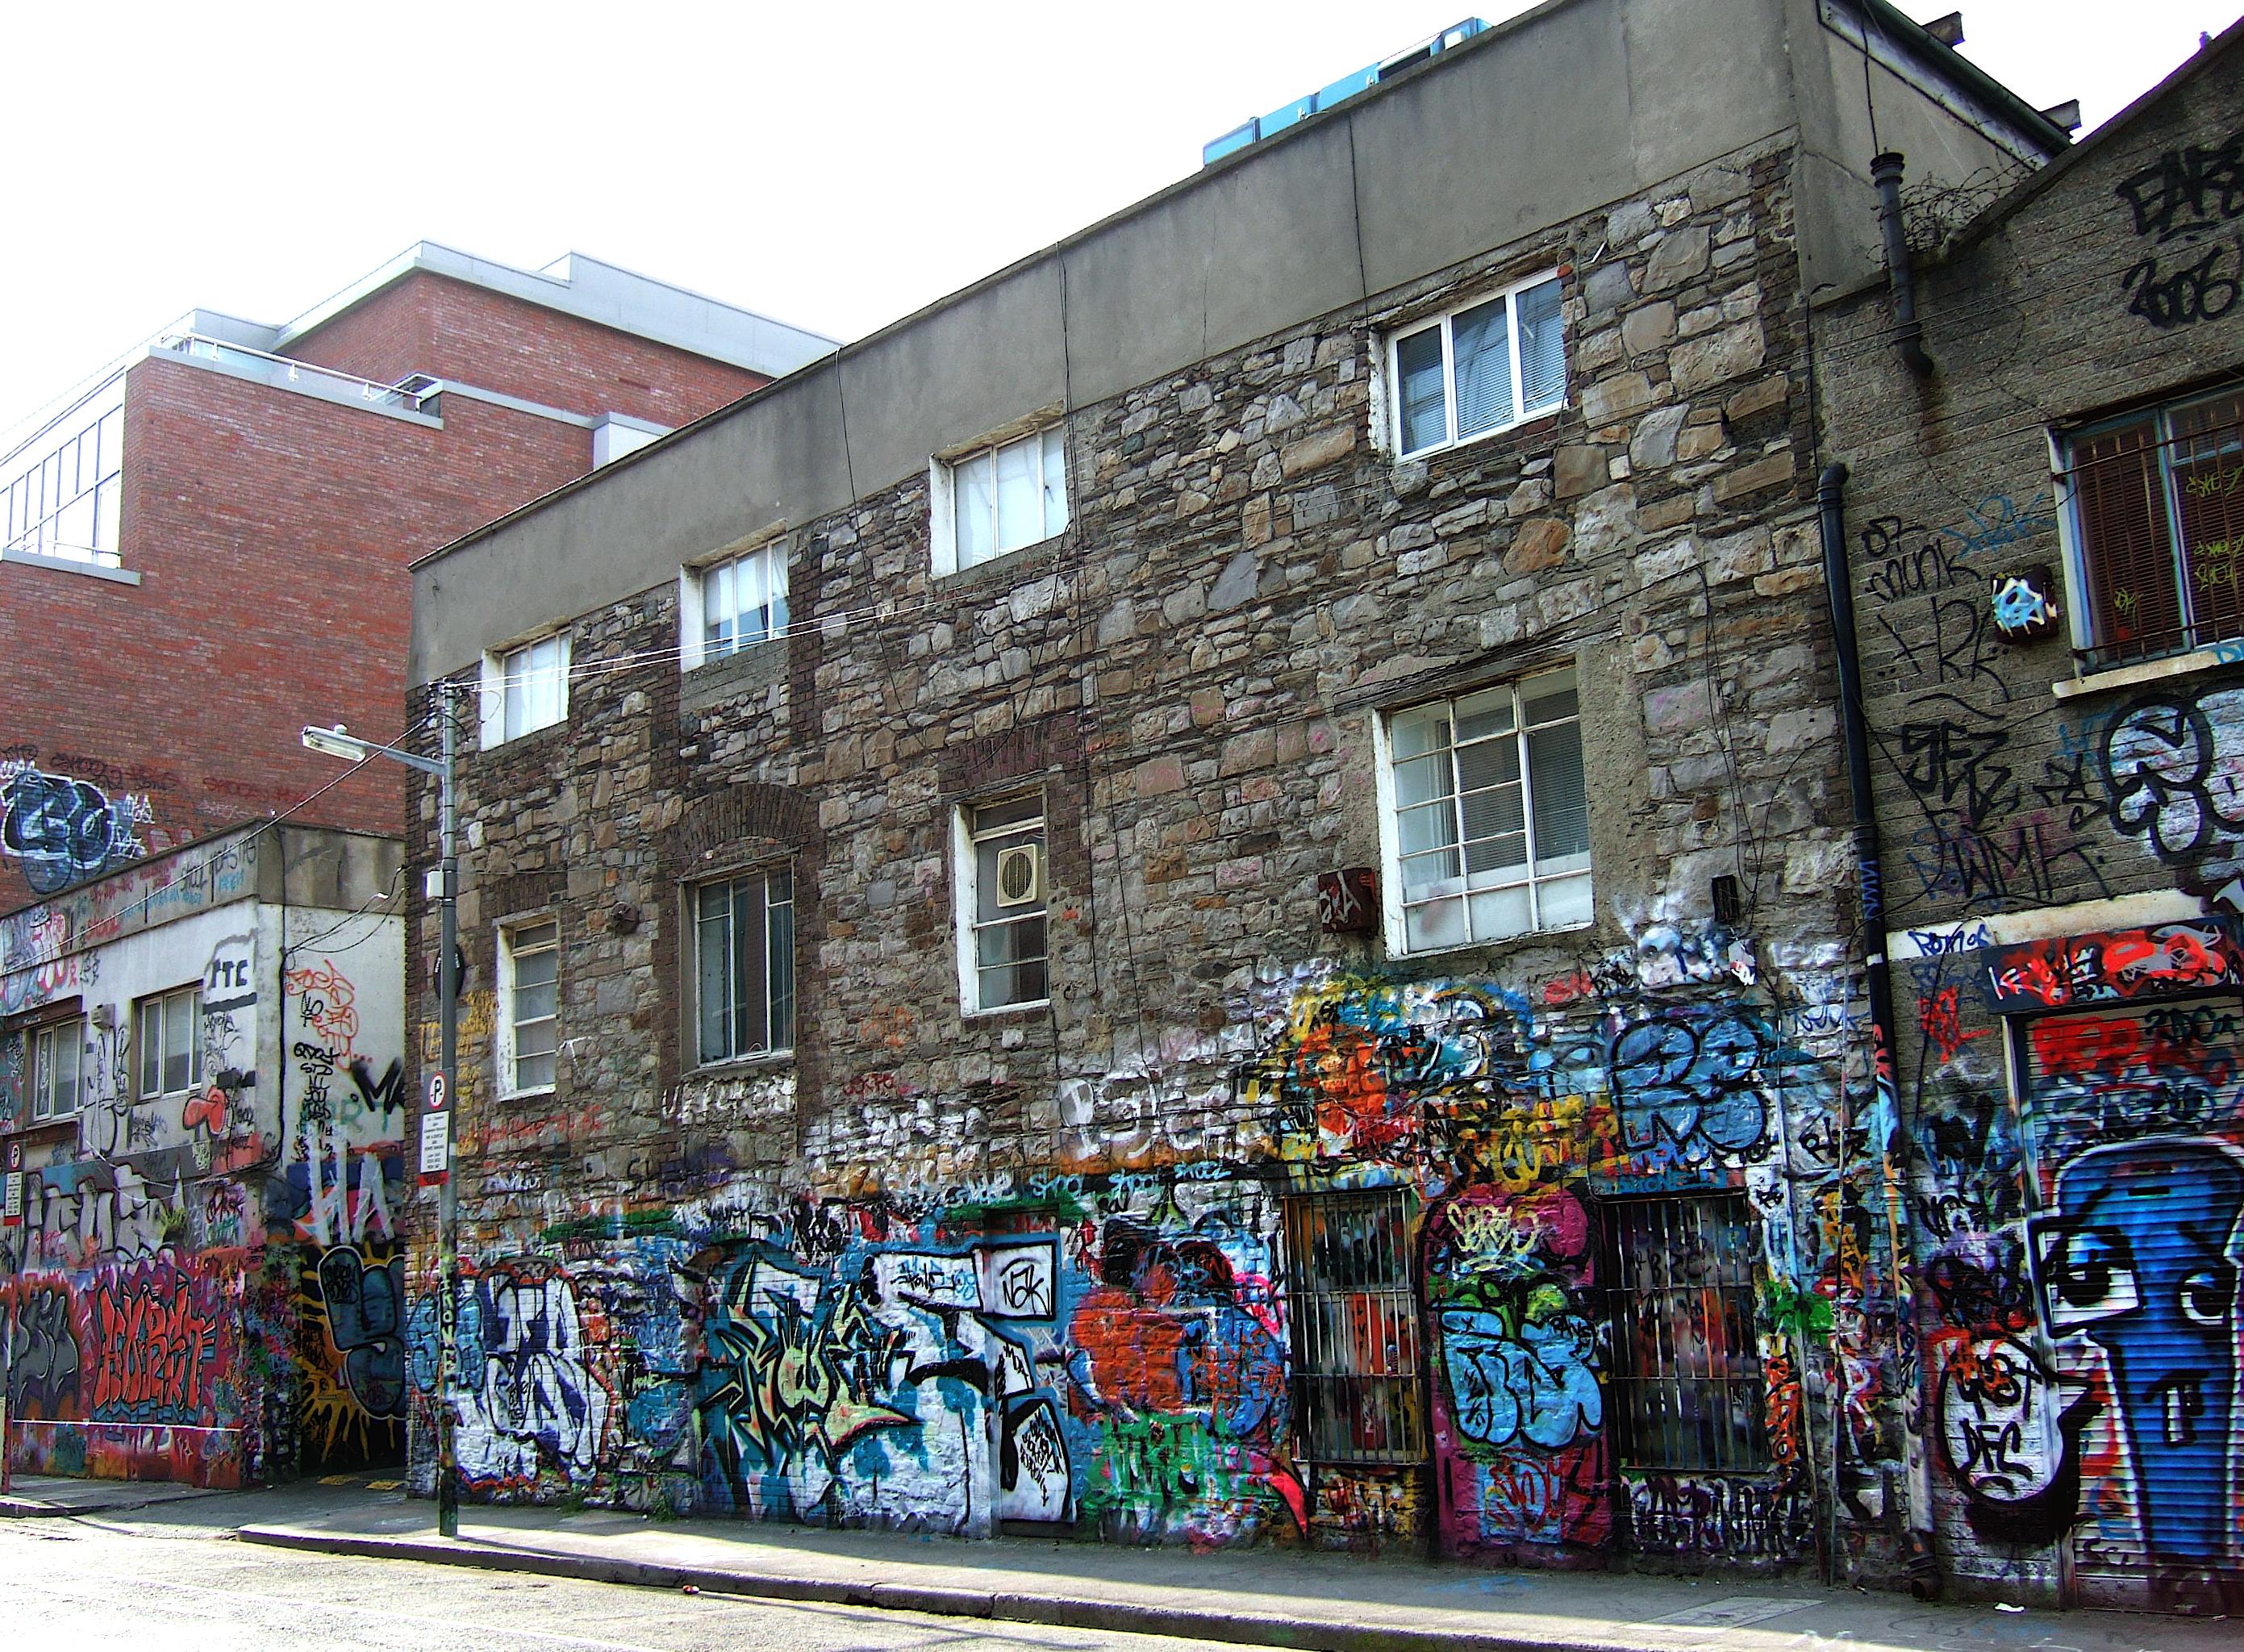 U2 graffiti wall location - Windmill Lane Studios